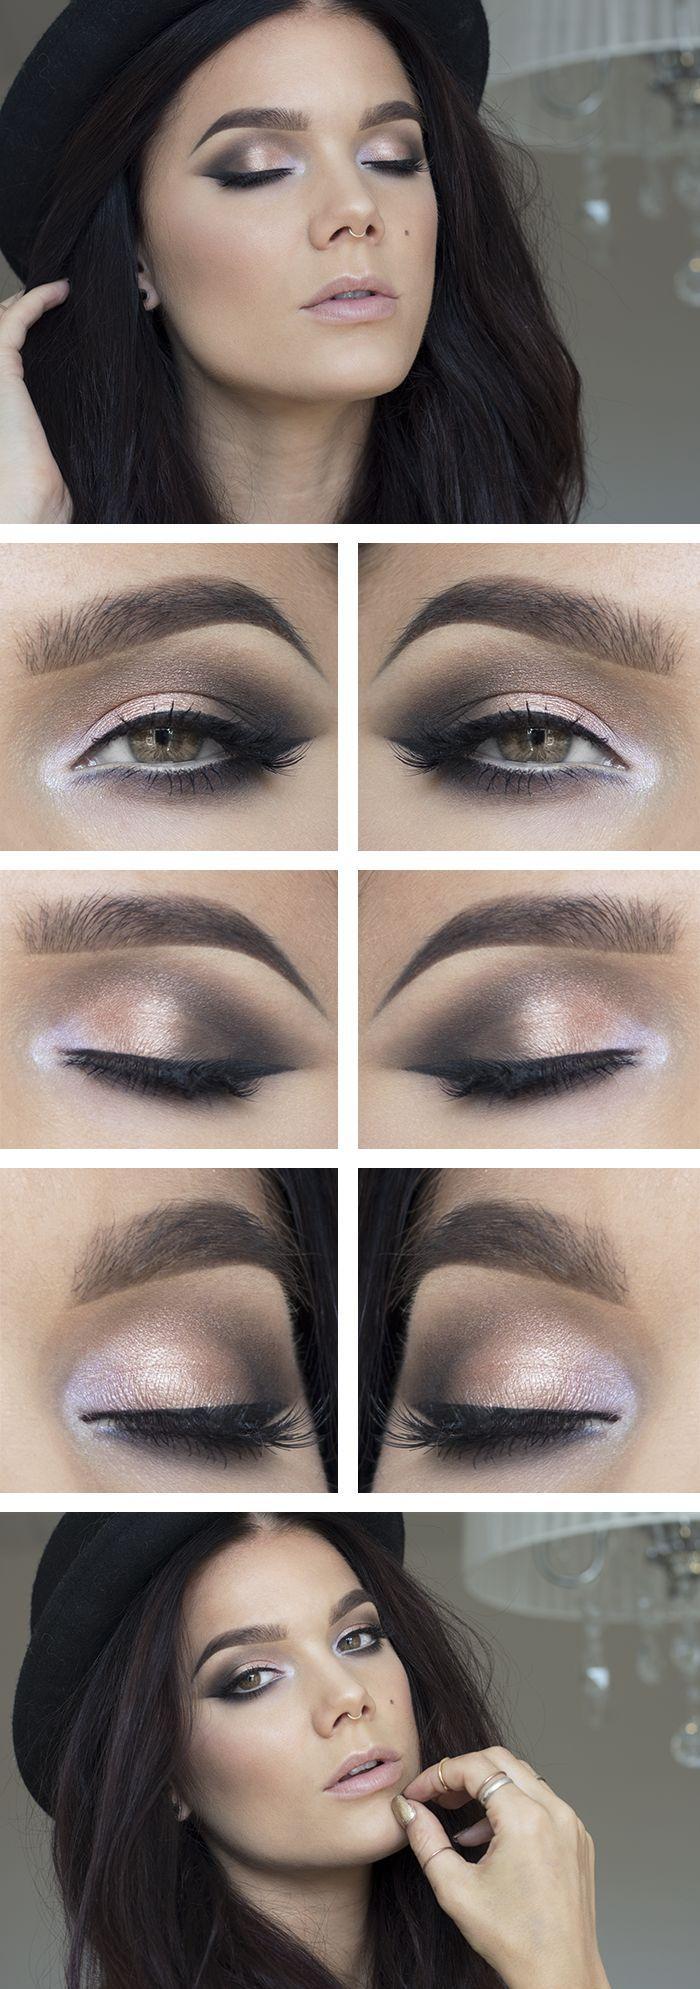 Свадьба - Shimmery Eyes